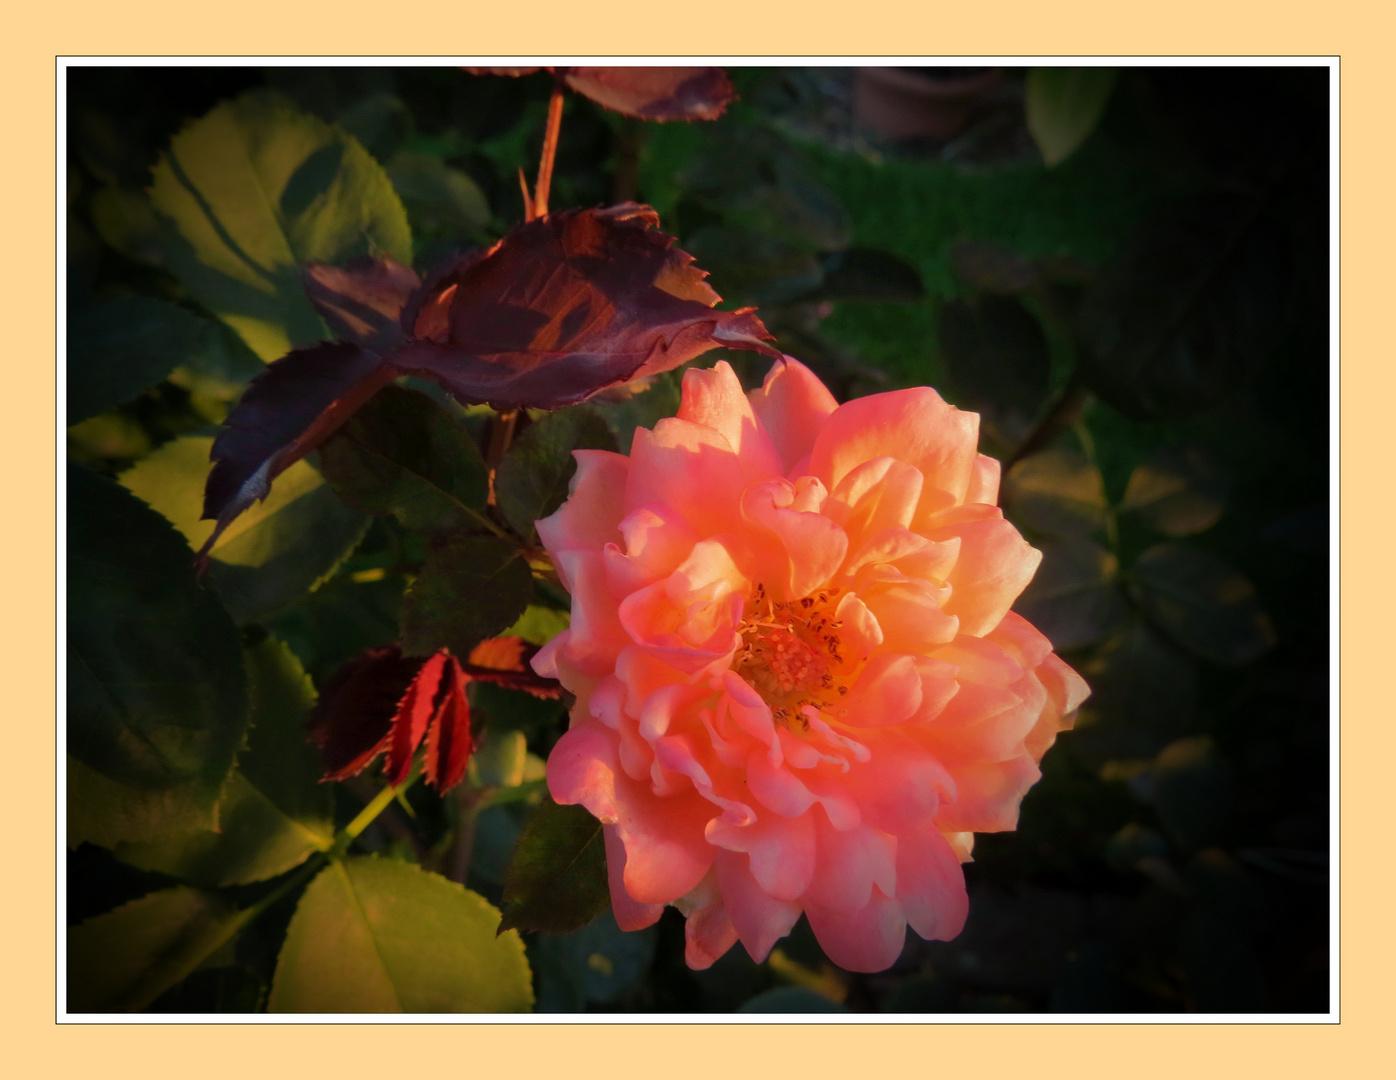 goldener Herbst - das erste Sonnenlicht heut' früh